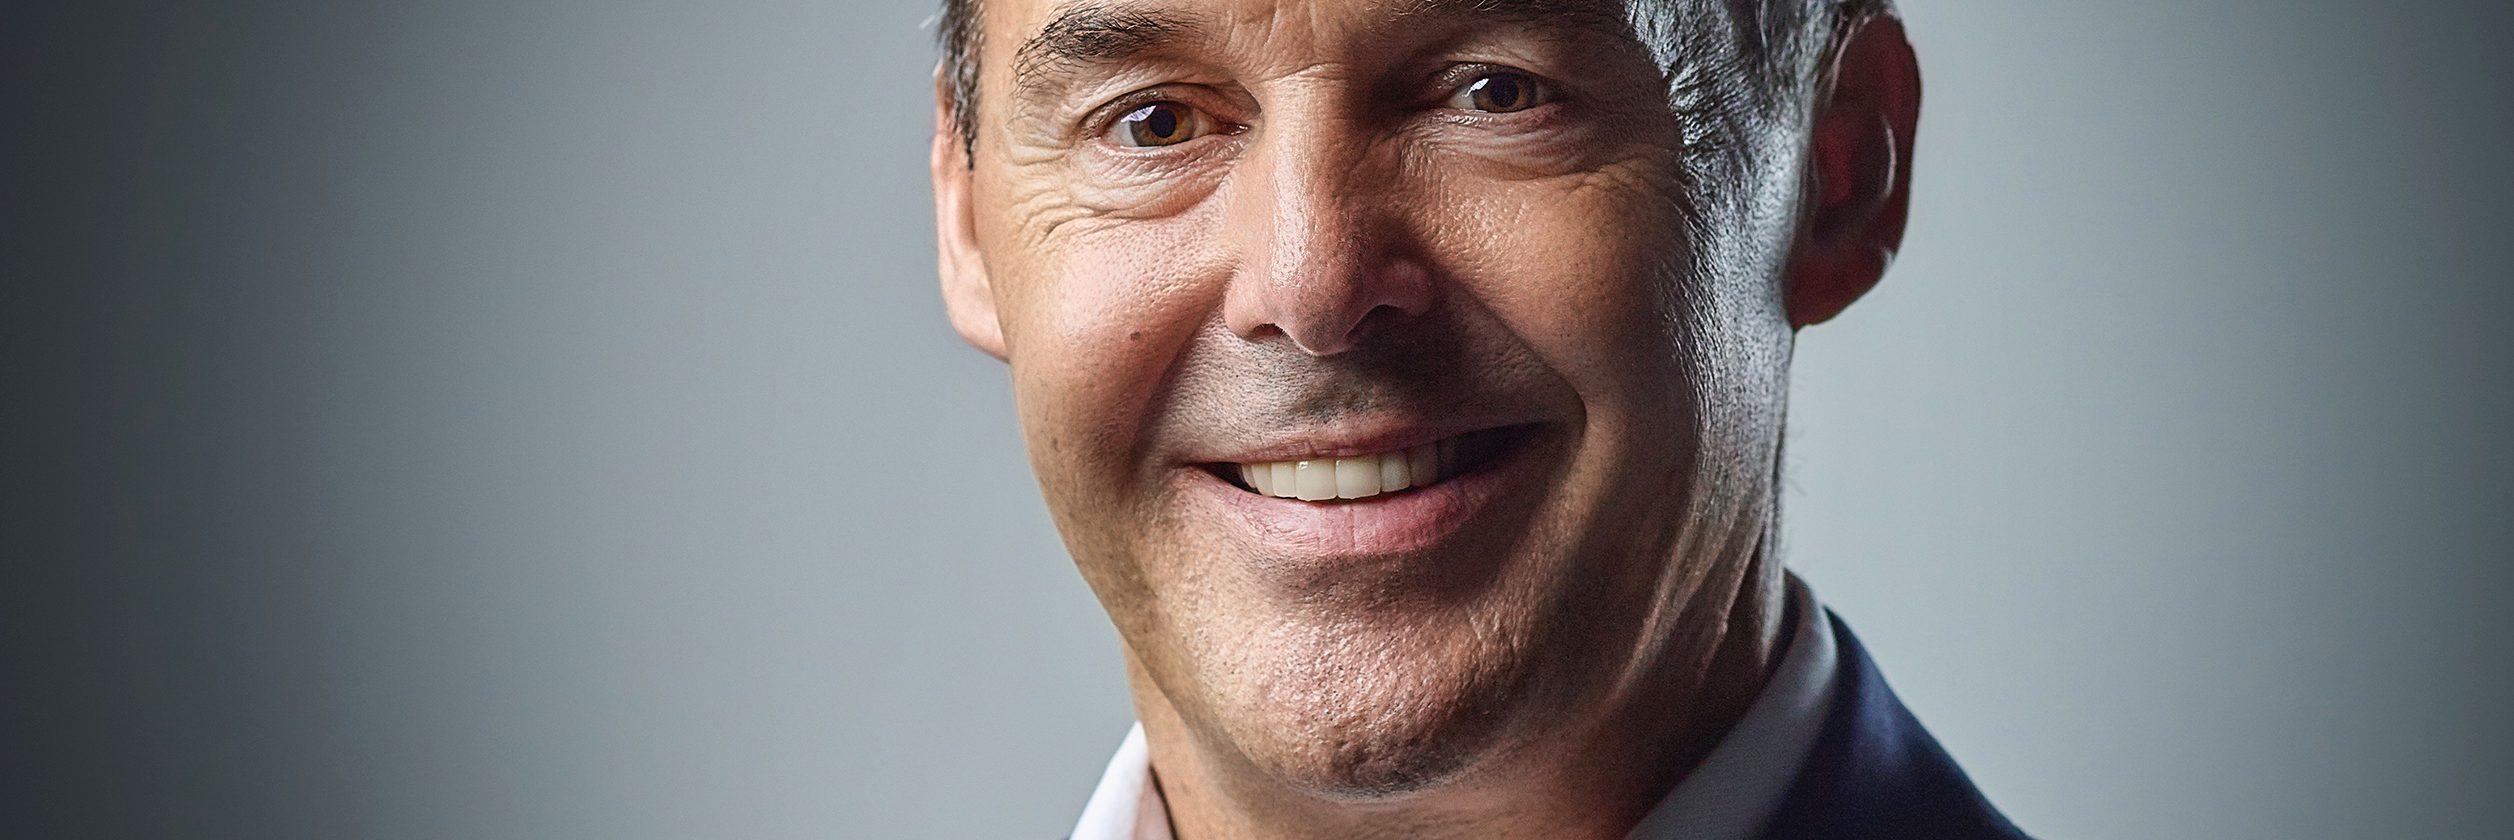 David van Goudoever Interstaf